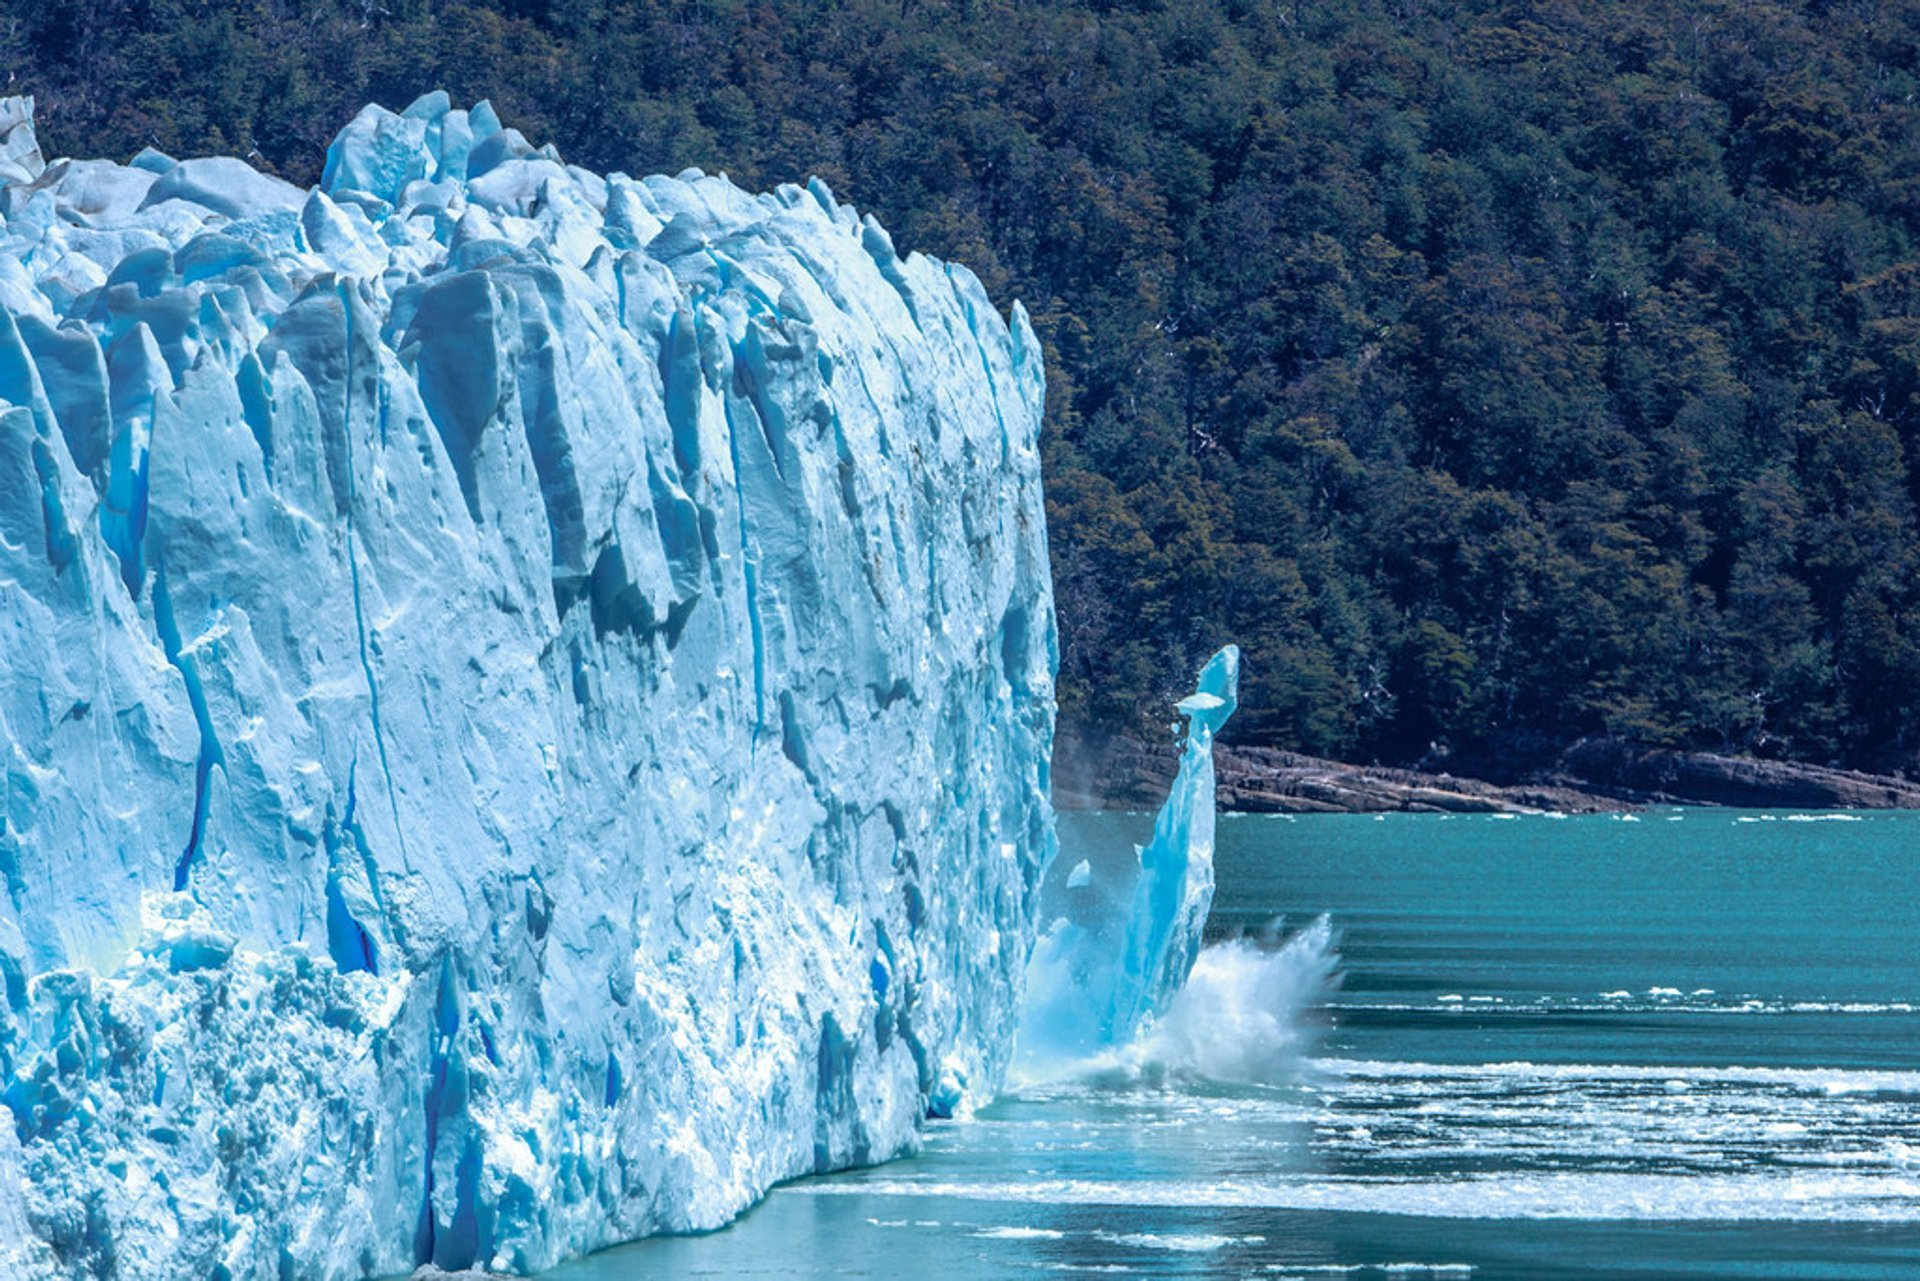 Best time to see Perito Moreno Glacier in Argentina 2019